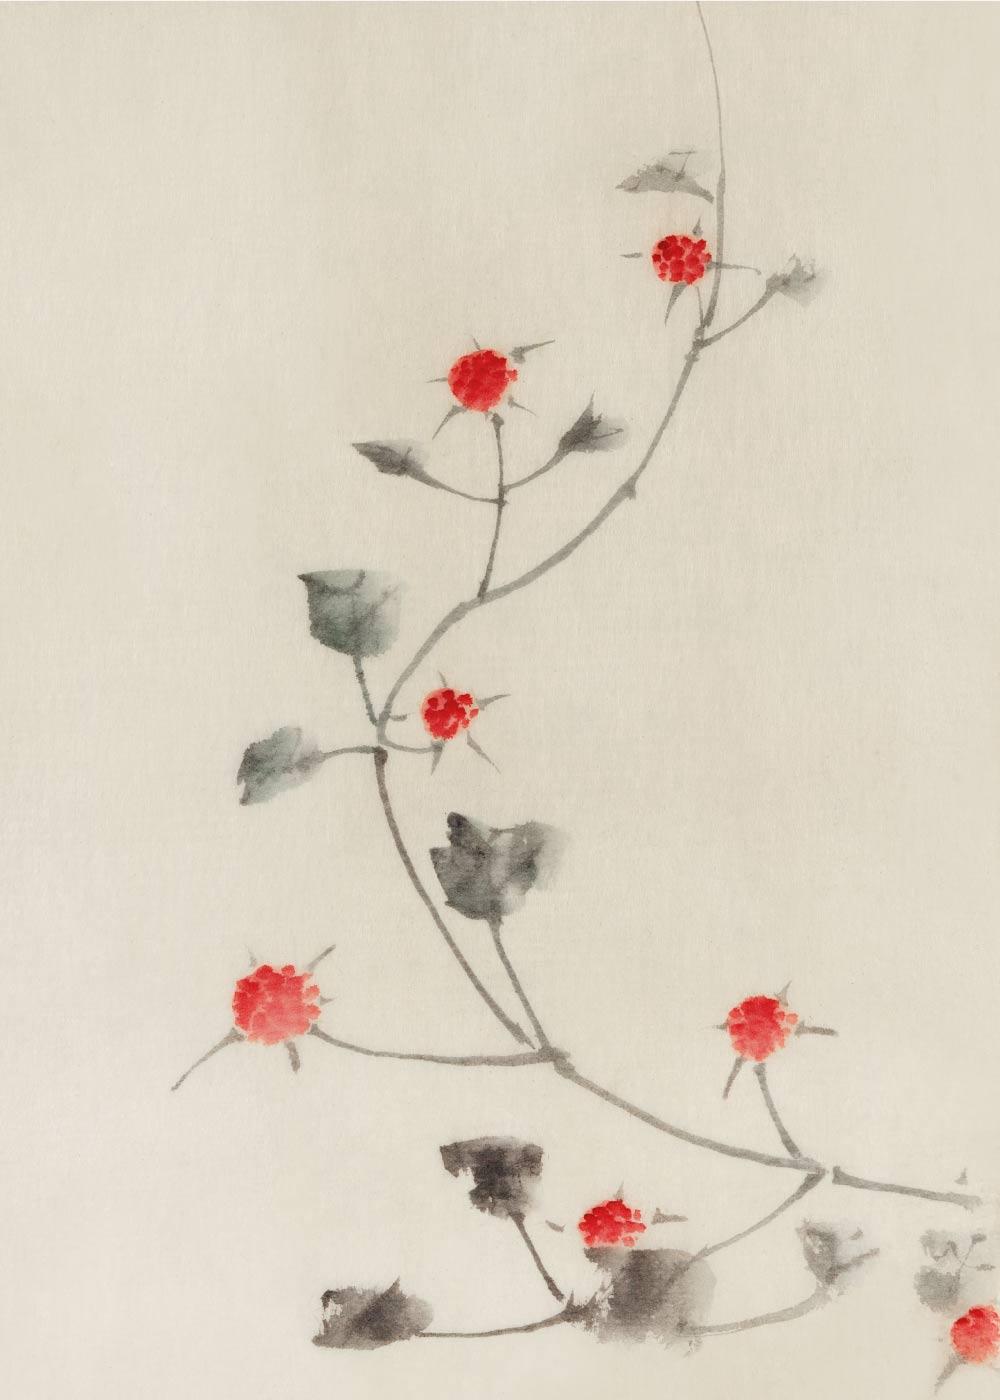 Small red blossoms - Japansk kunstplakat